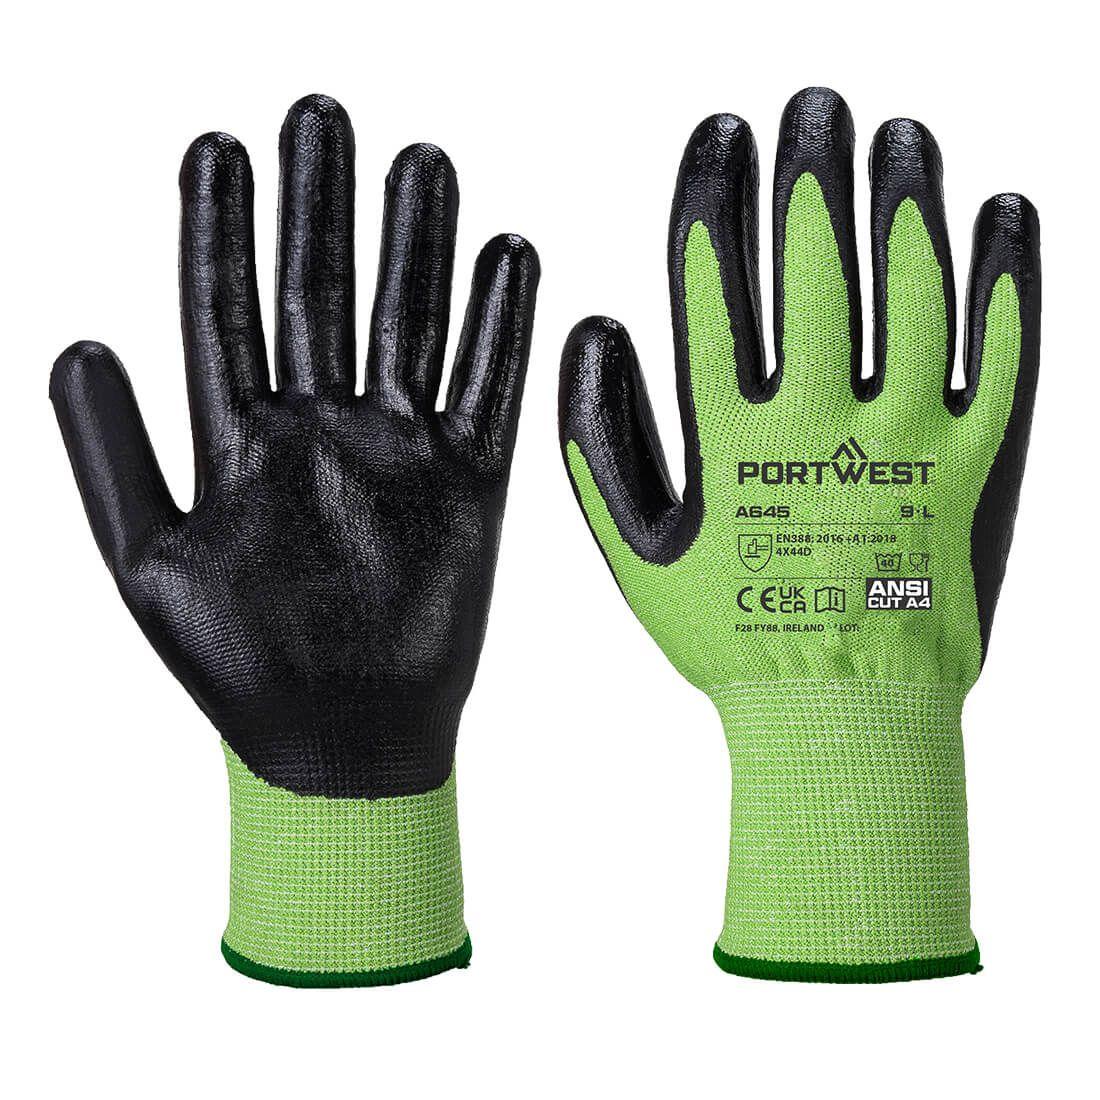 Portwest Handschoenen A645 groen-zwart(E8)